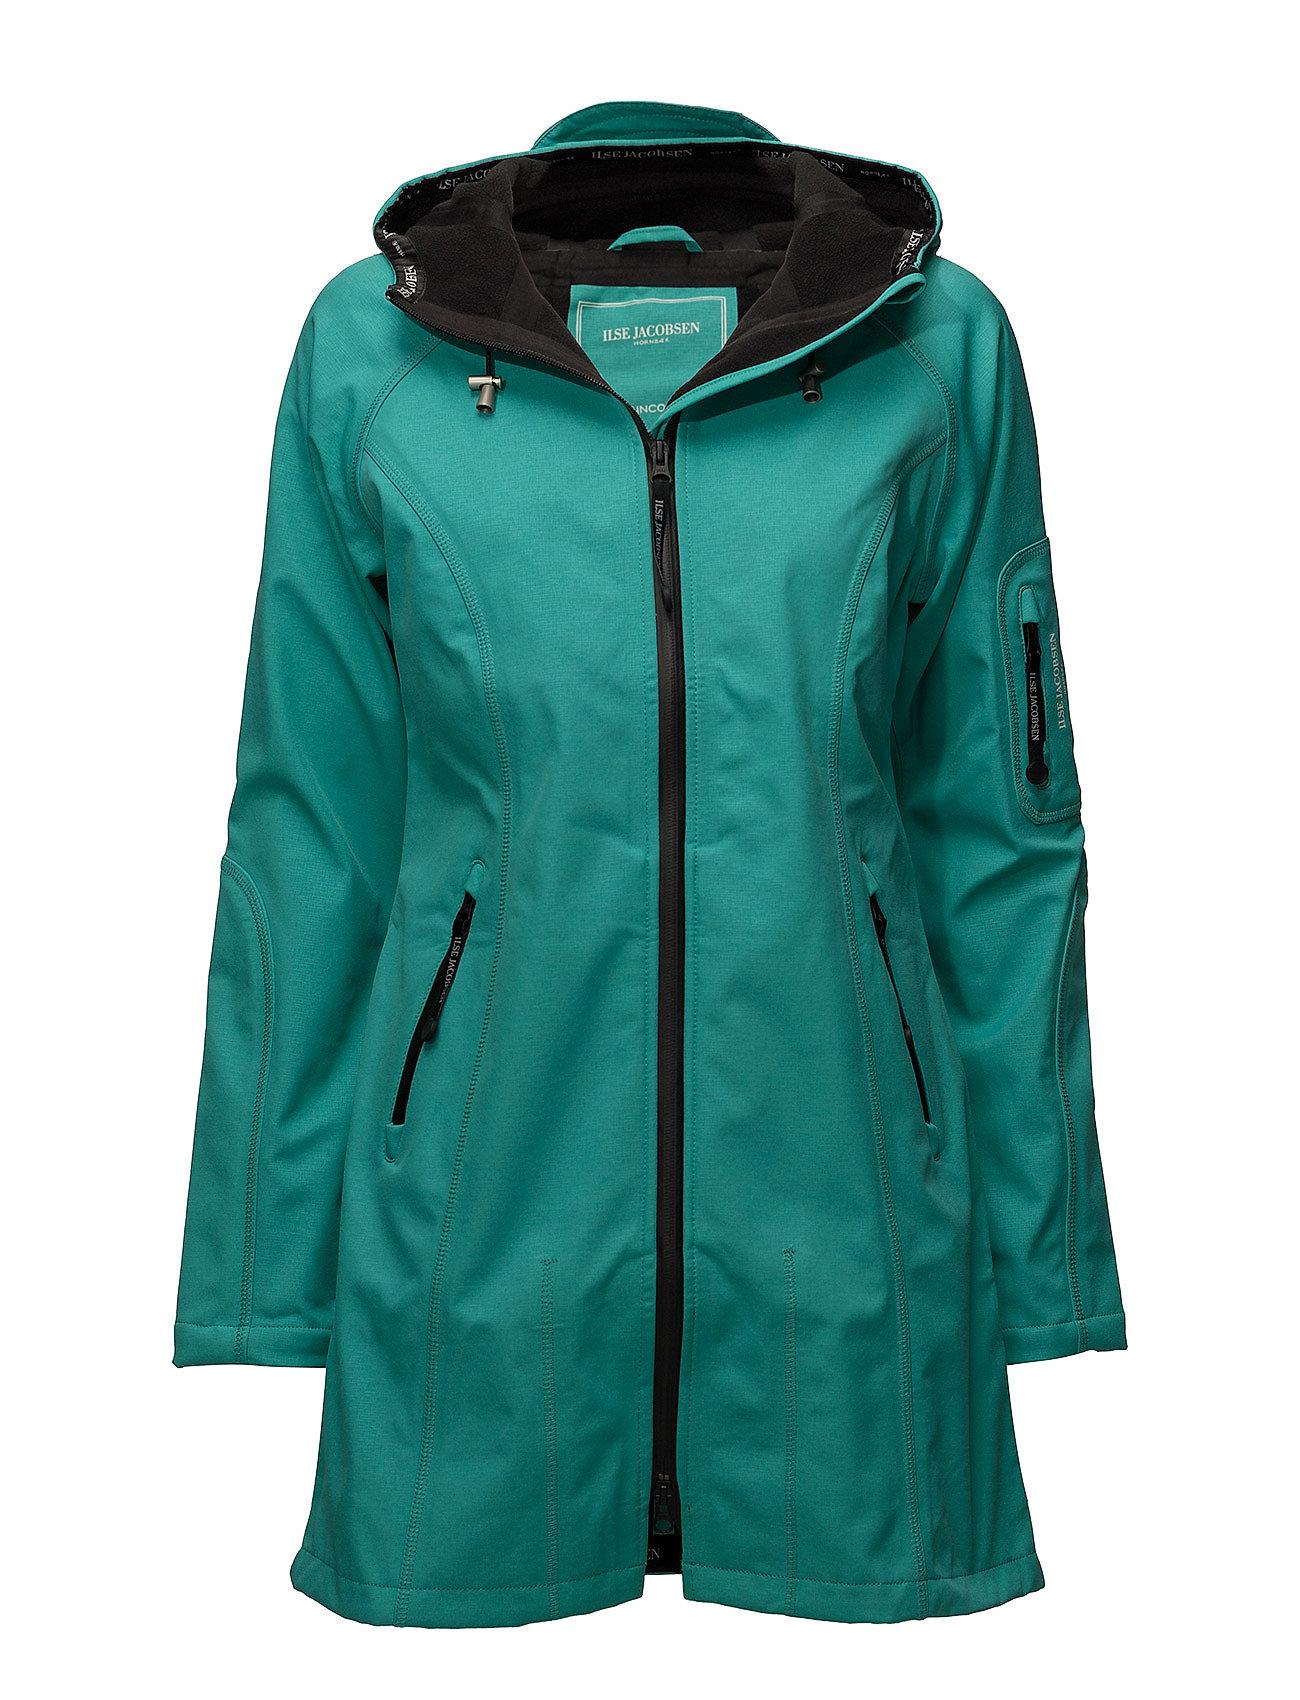 Ilse Jacobsen Rain - 490 Viridan Green